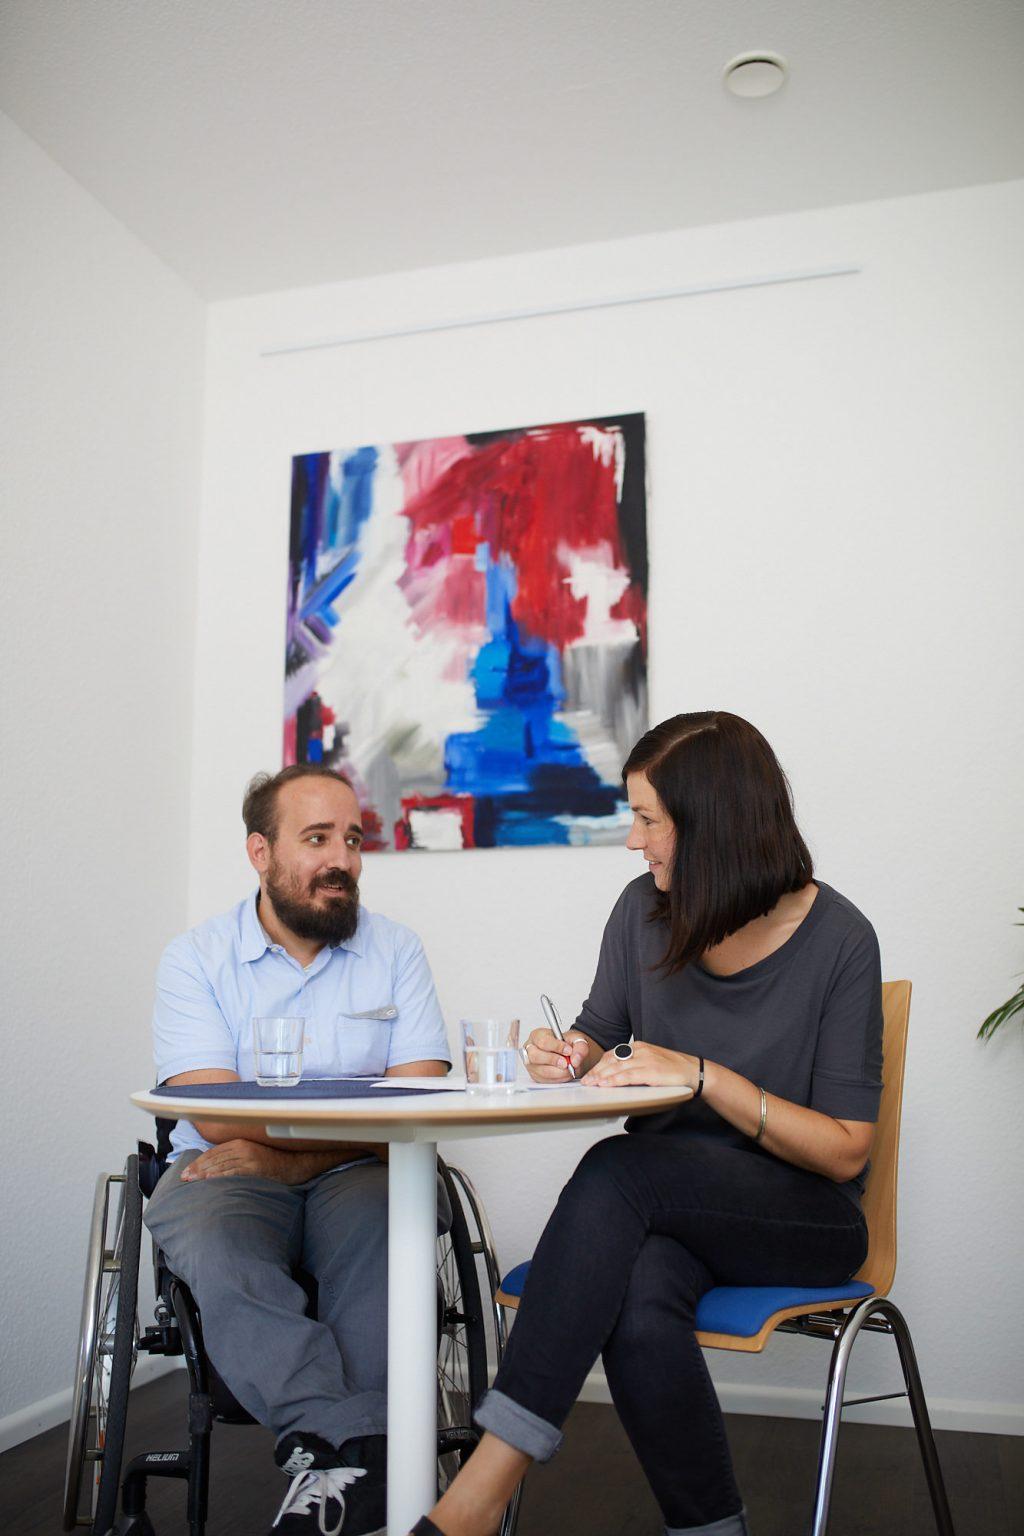 Beratungssituation an einem kleinen Besprechungstisch. Die Beraterin Dominika Rödig und eine Person mit Rollstuhl.